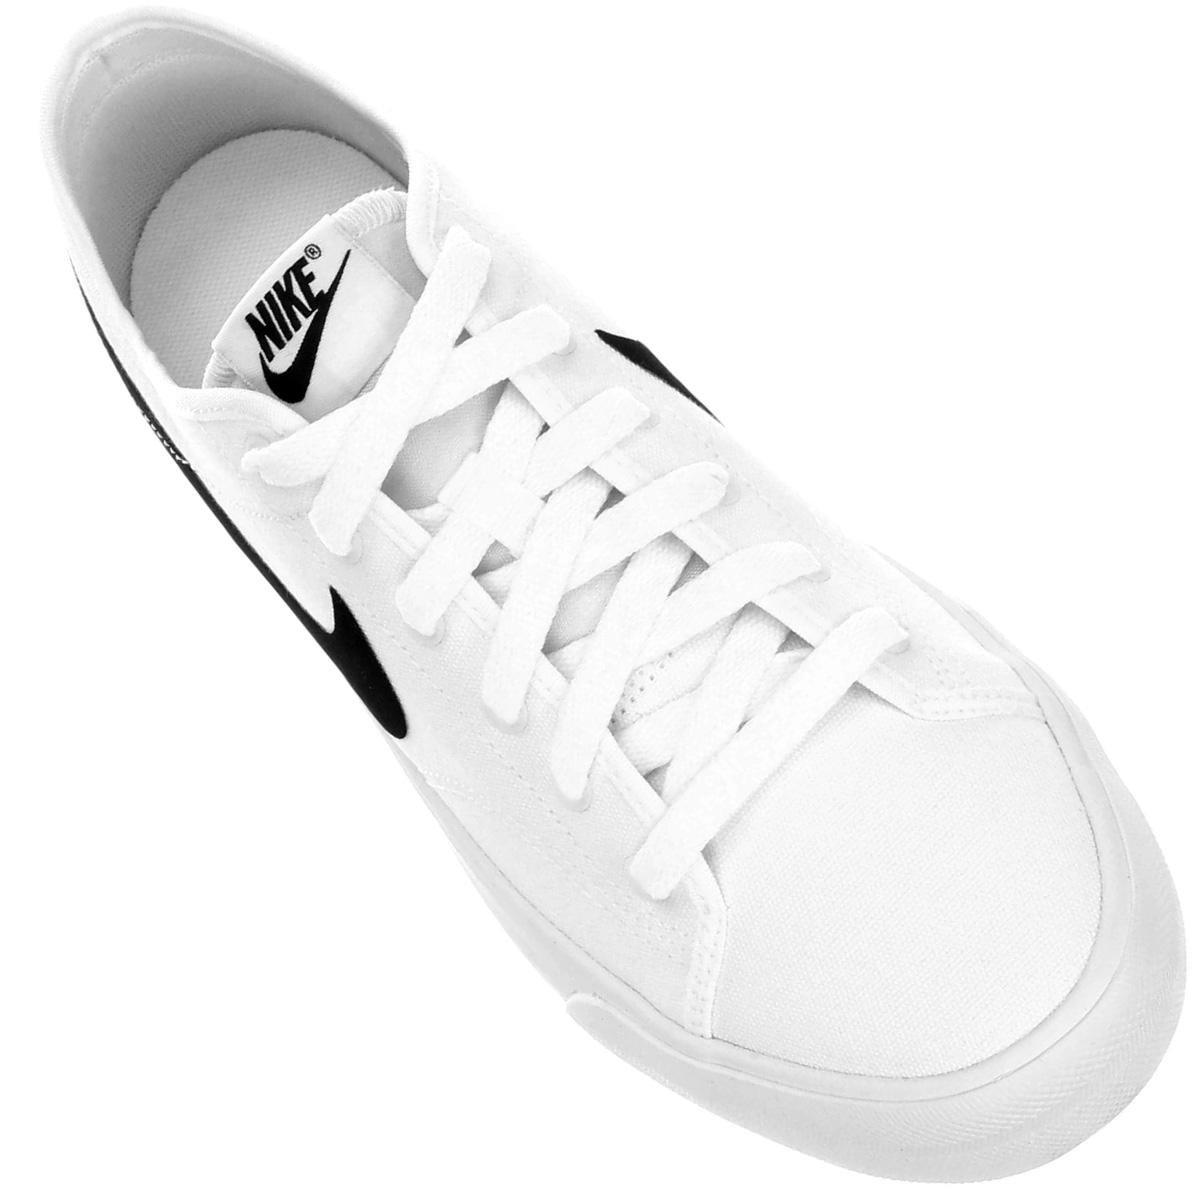 Tênis Compre Nike Primo Court Canvas Compre Tênis Agora 41ffa1 ... eeeac2d60bc94